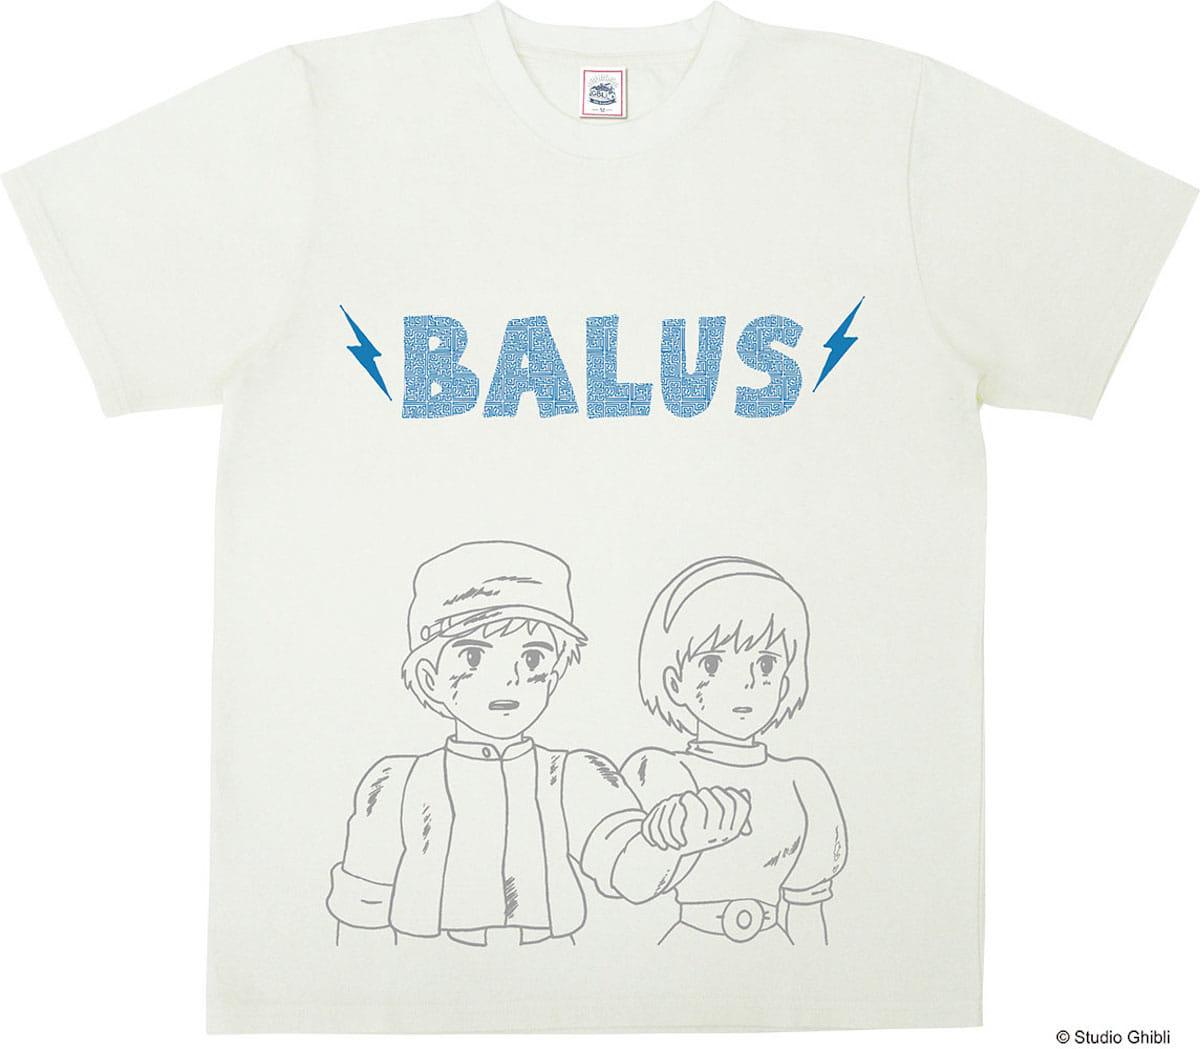 スタジオジブリ作品公式「バルスTシャツ」登場!『となりのトトロ』『魔女の宅急便』『紅の豚』など人気作品がTシャツに! fashion180605_ghibli_5-1200x1049